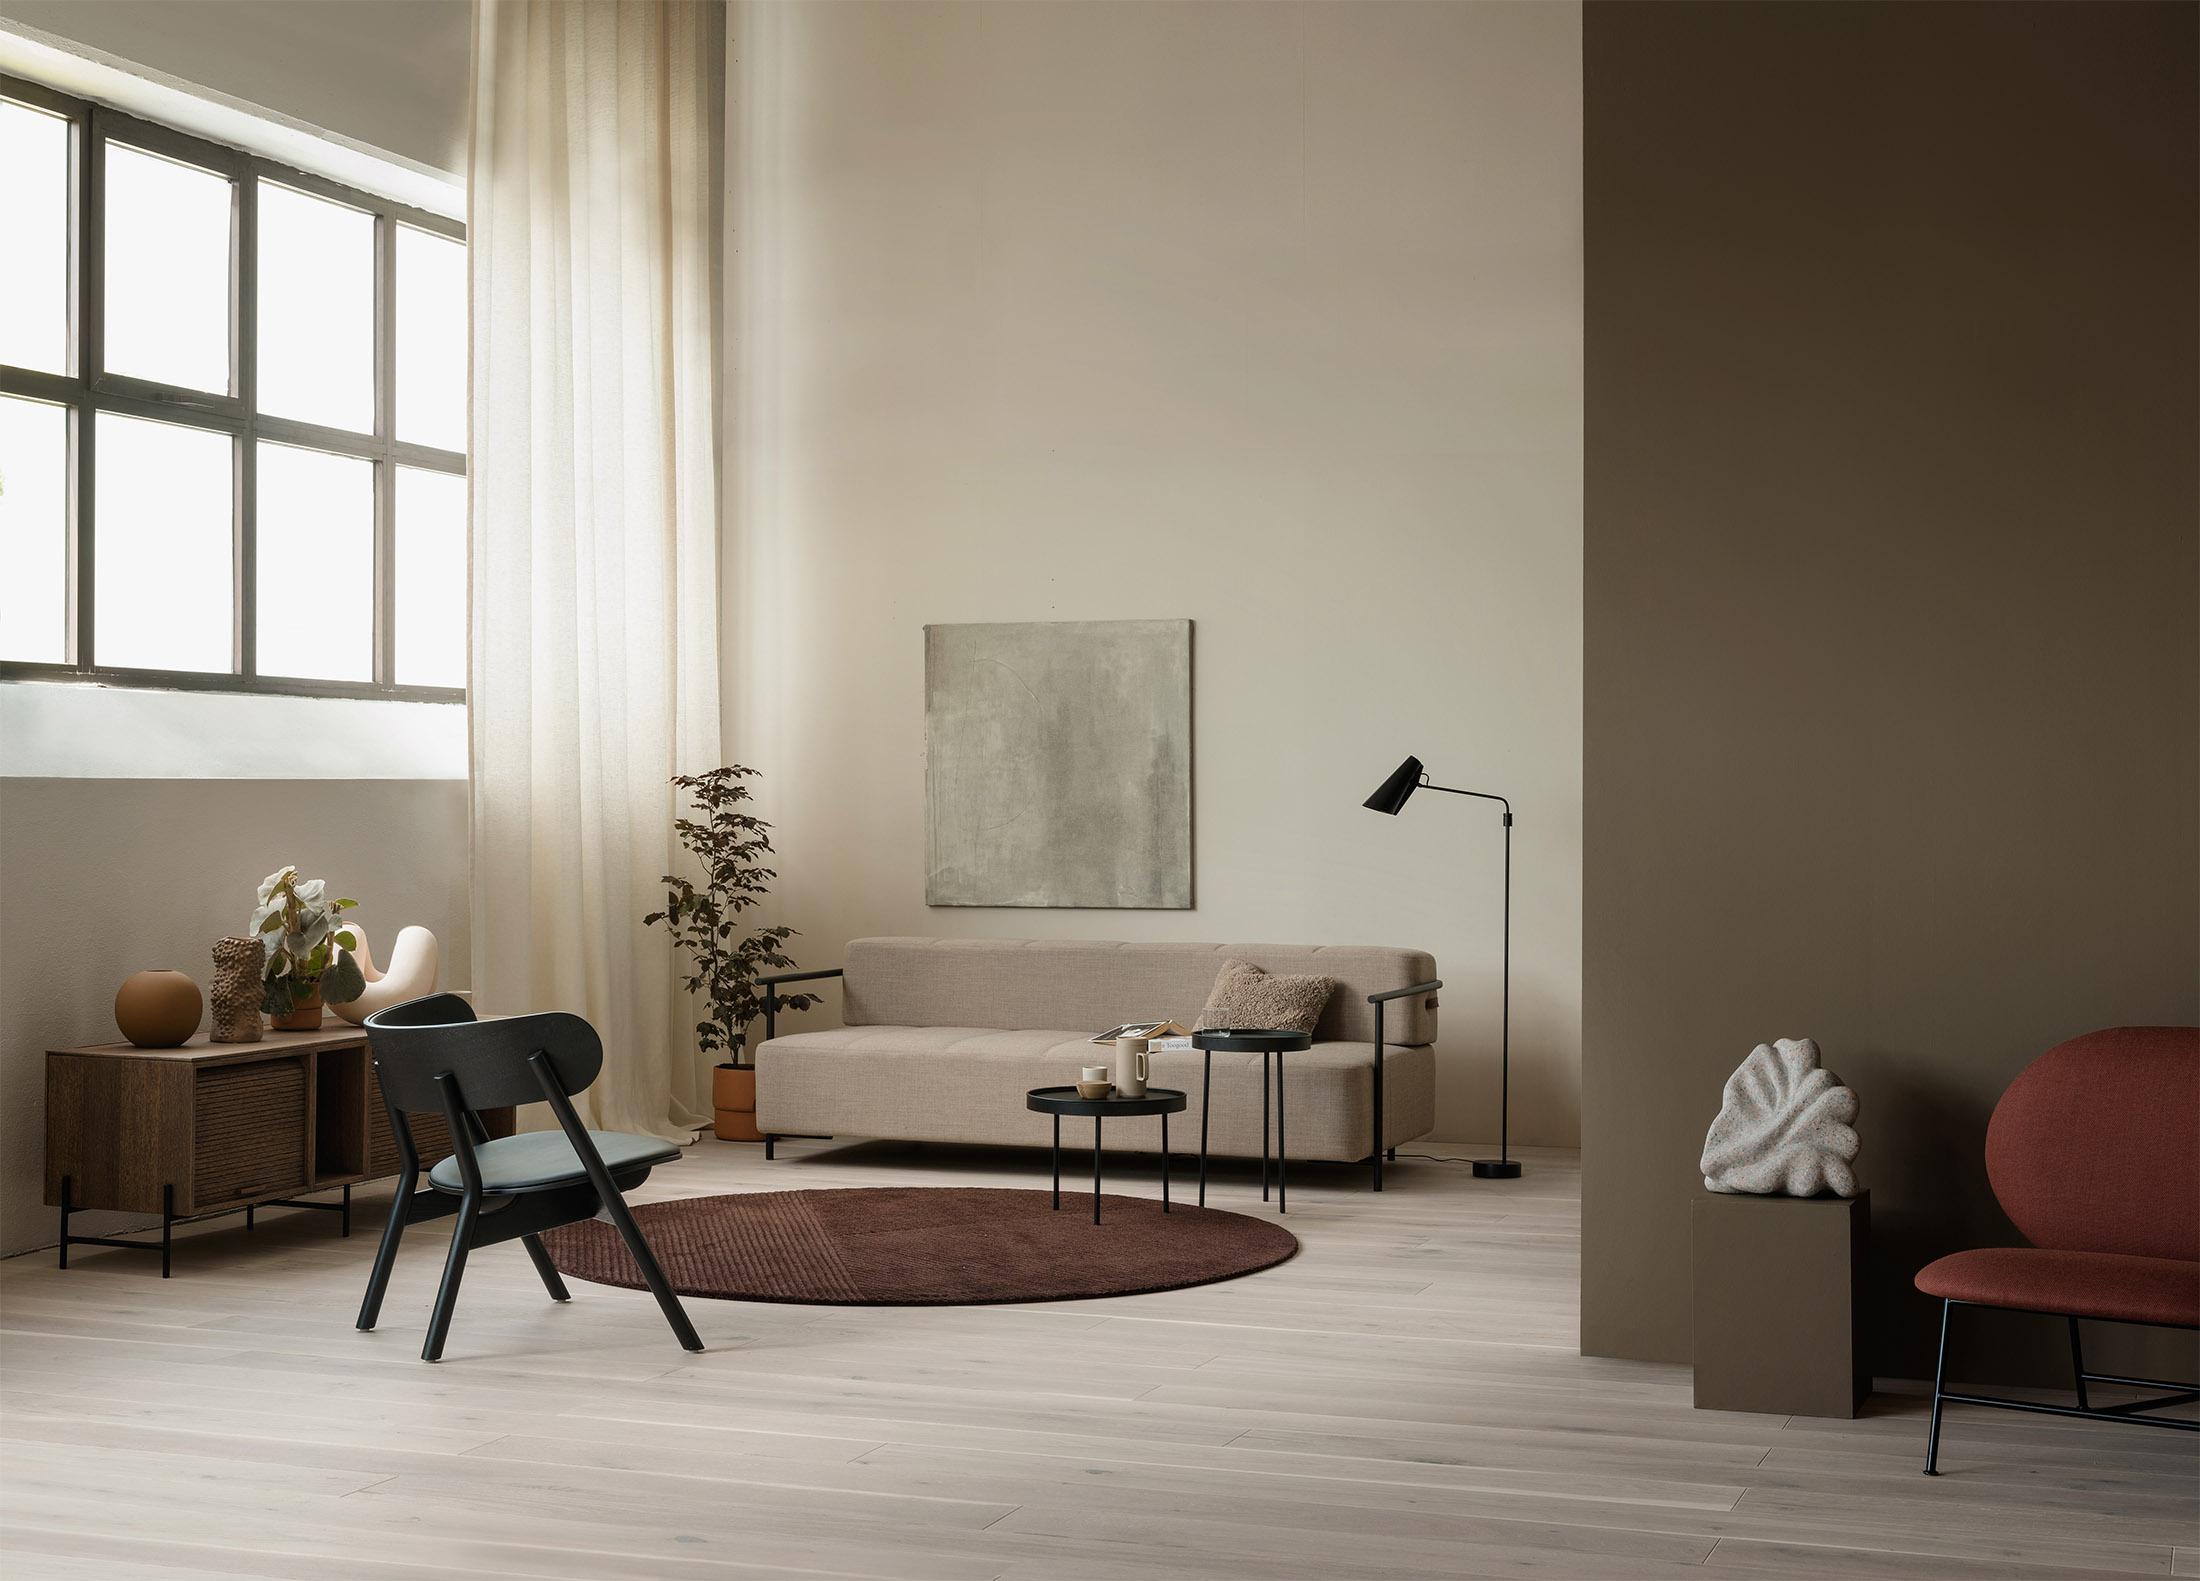 Northern_livingroom_group_landscape_Photo_Einar_Aslaksen_Low-res